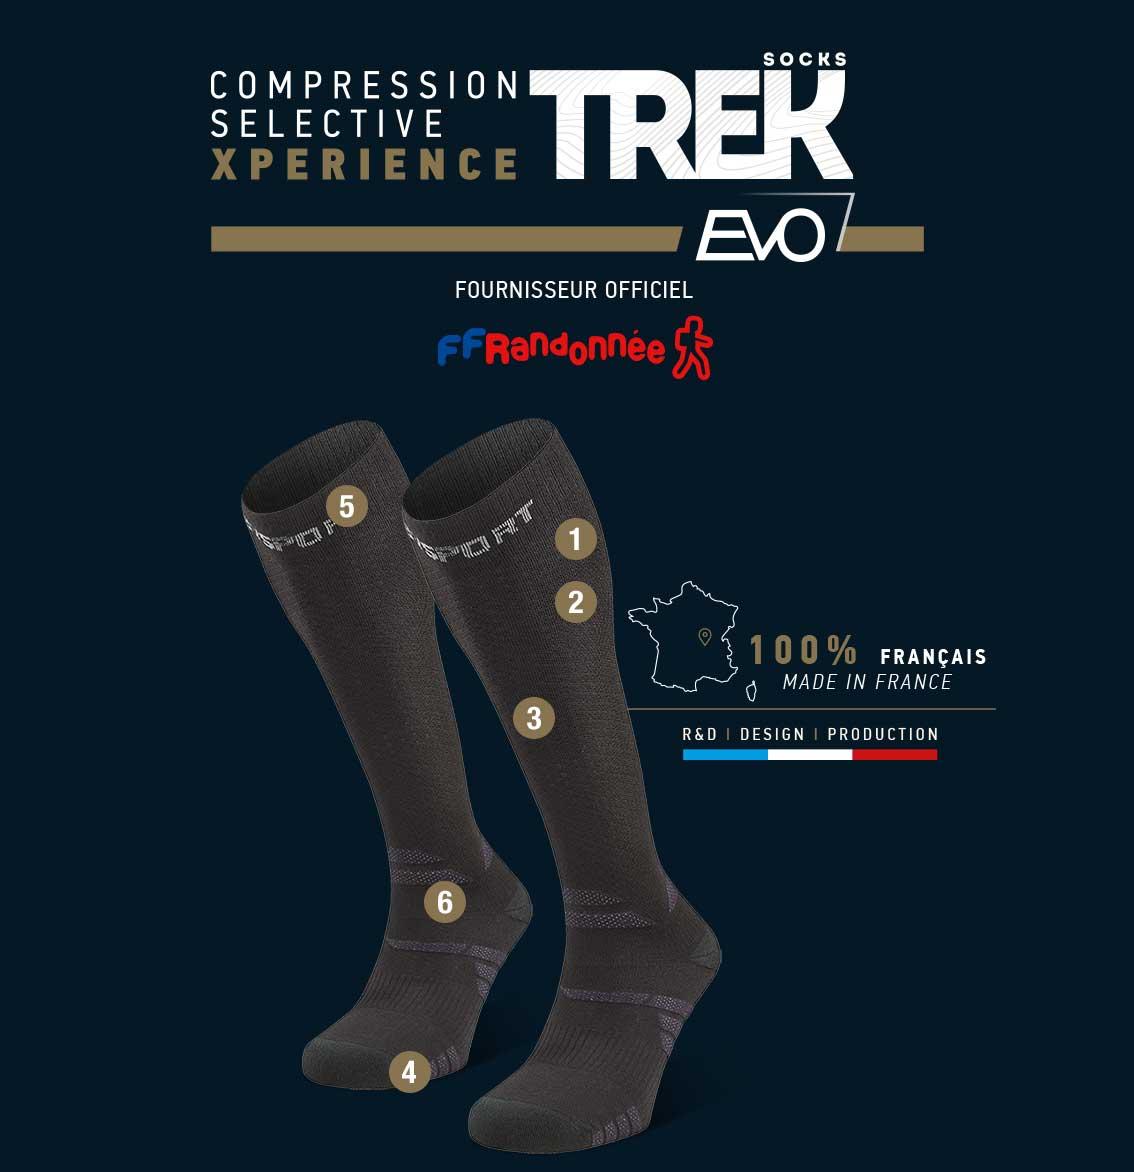 Chaussettes_randonnée_Trek_compression_EVO_noir-gris